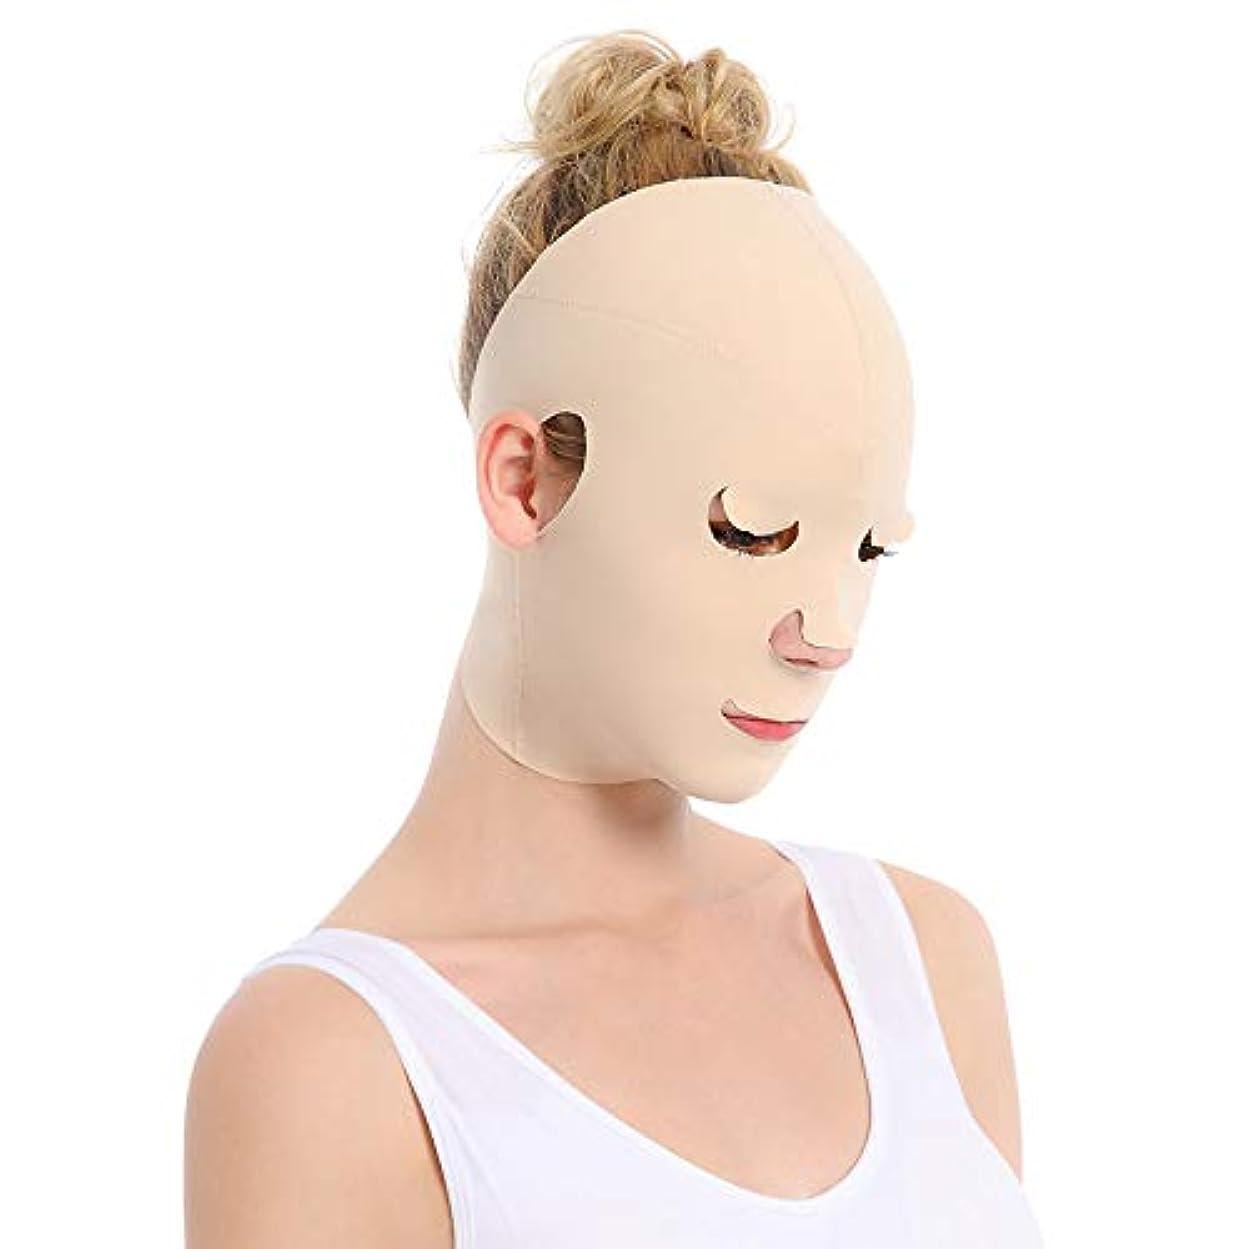 不愉快にエンジニアマージ小さな顔ツールv顔包帯薄い顔美容マスク怠惰な睡眠マスク男性と女性のV顔包帯整形引き締め顔薄い二重あご